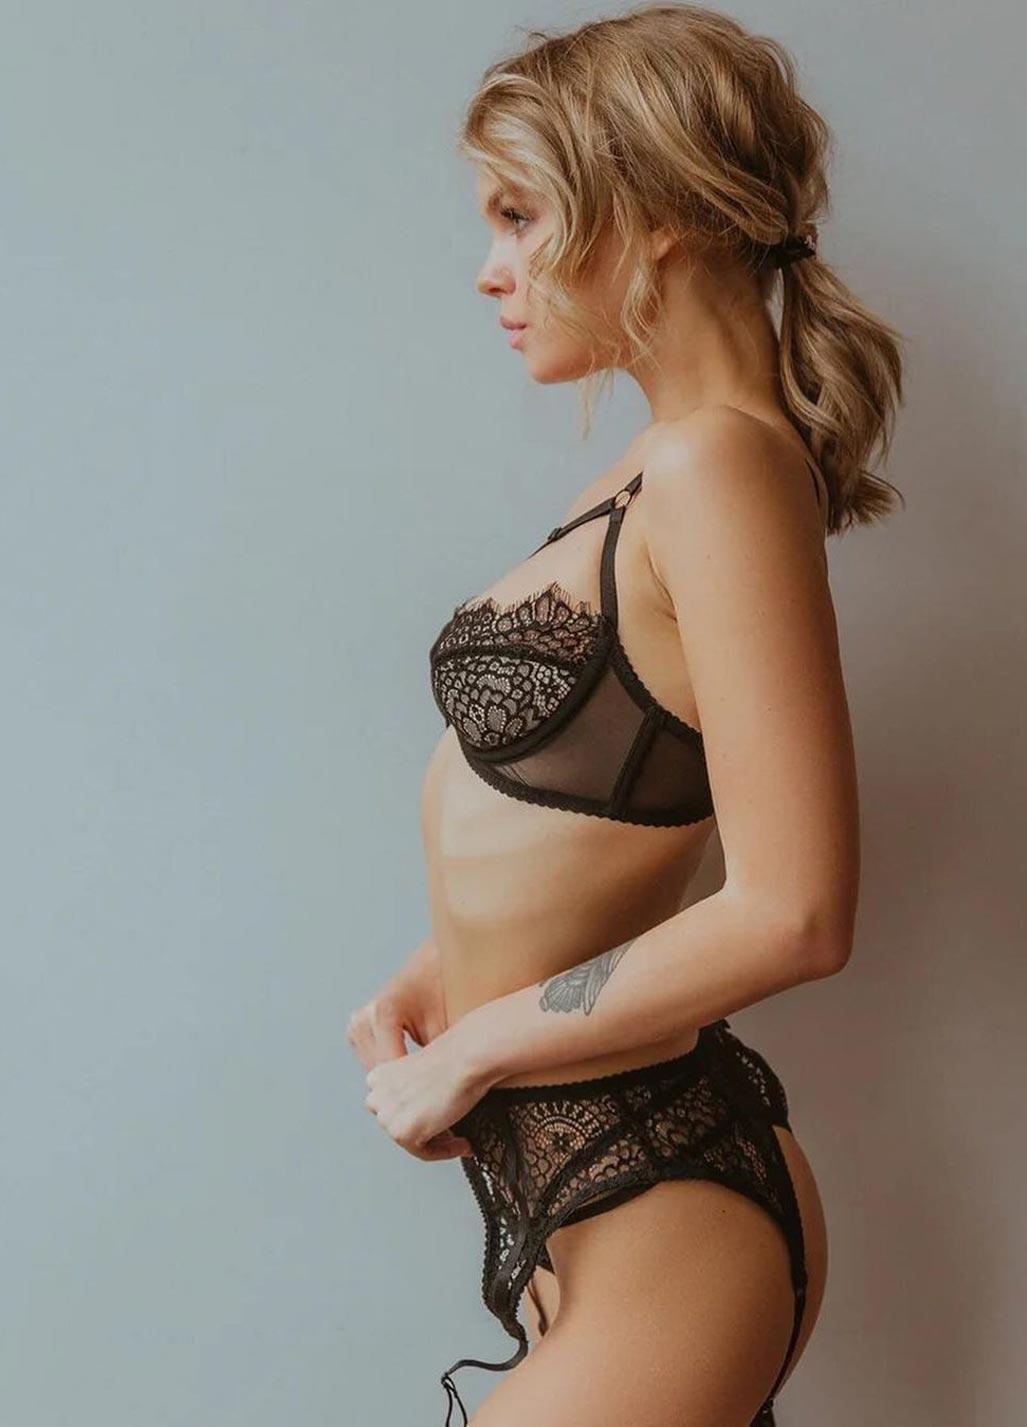 Анастасия Щеглова в сексуальном нижнем белье God Save Queen / фото 24